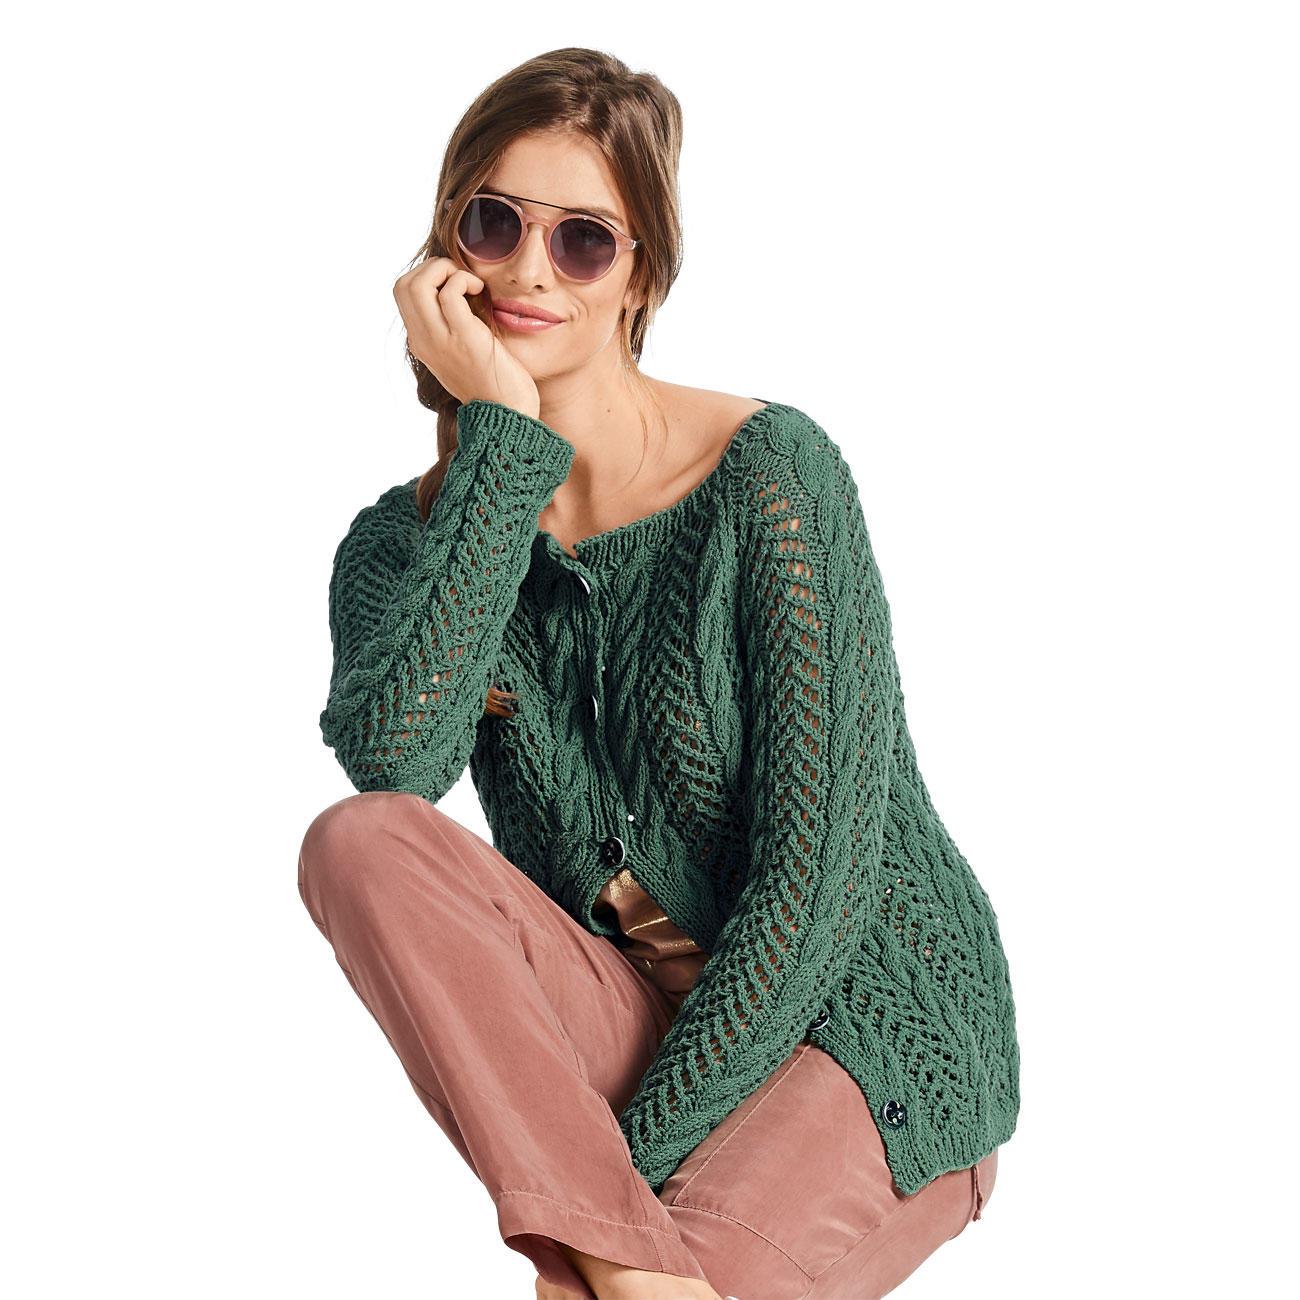 Anleitung 0010, Jacke aus Ribolli von Junghans Wolle